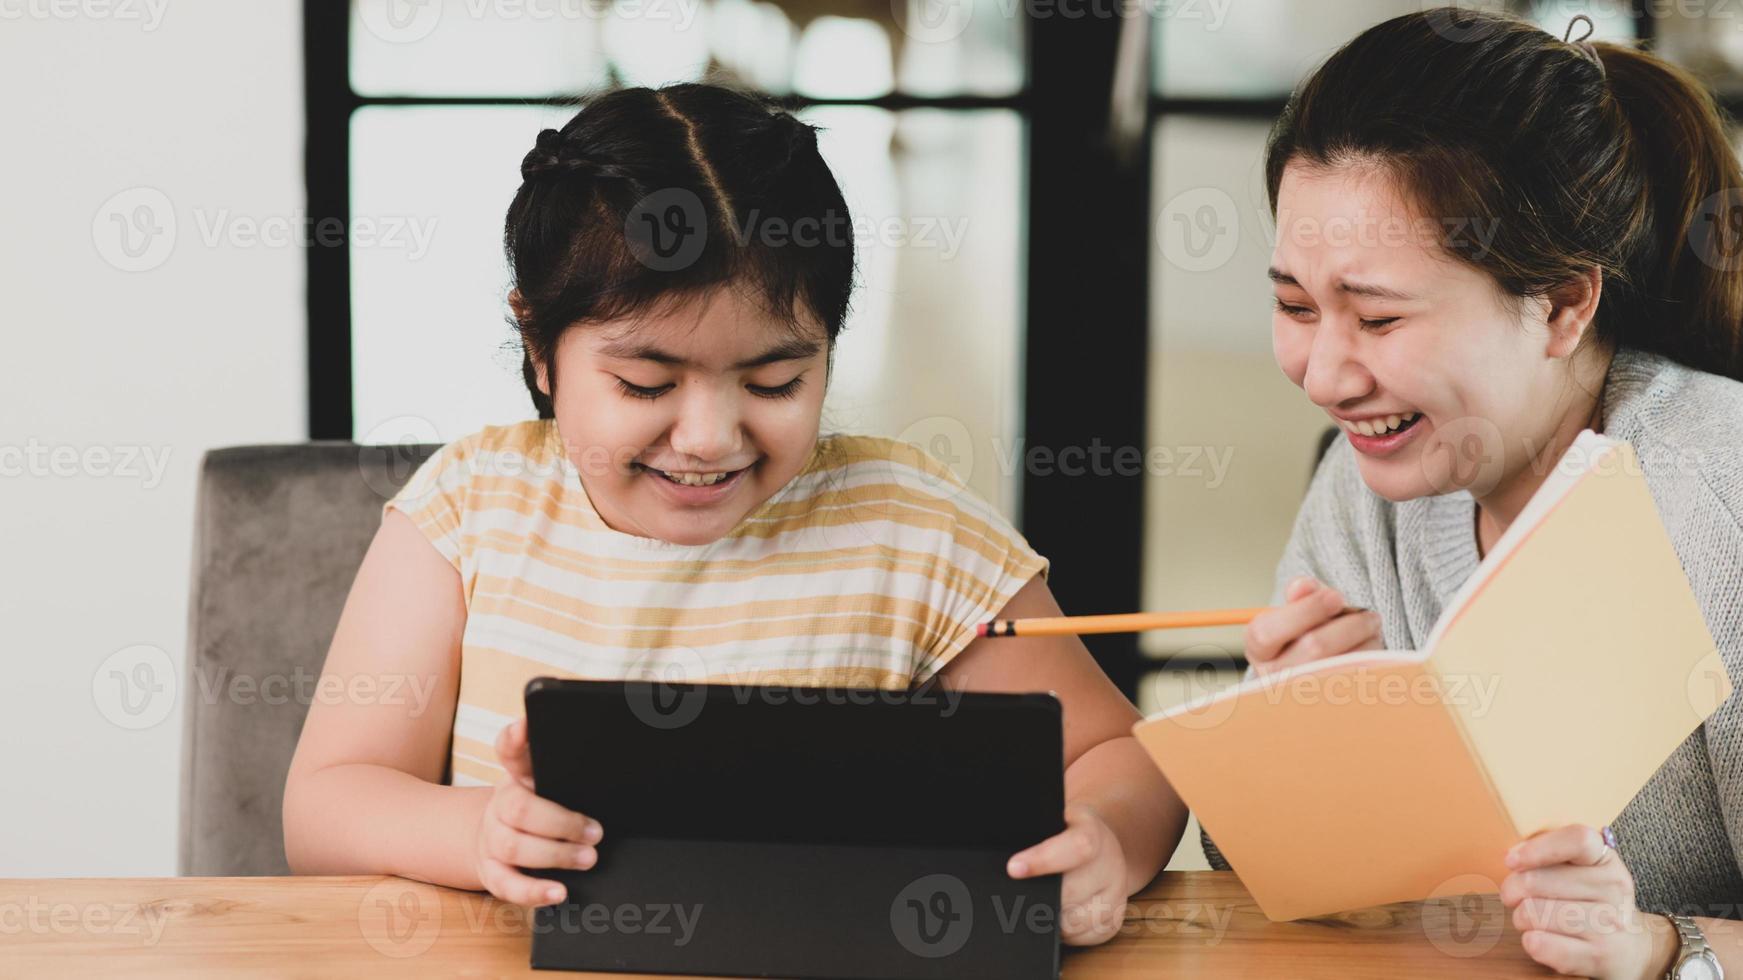 zwei junge asiatische mädchen mit tablet unterrichten ihre hausaufgaben. foto